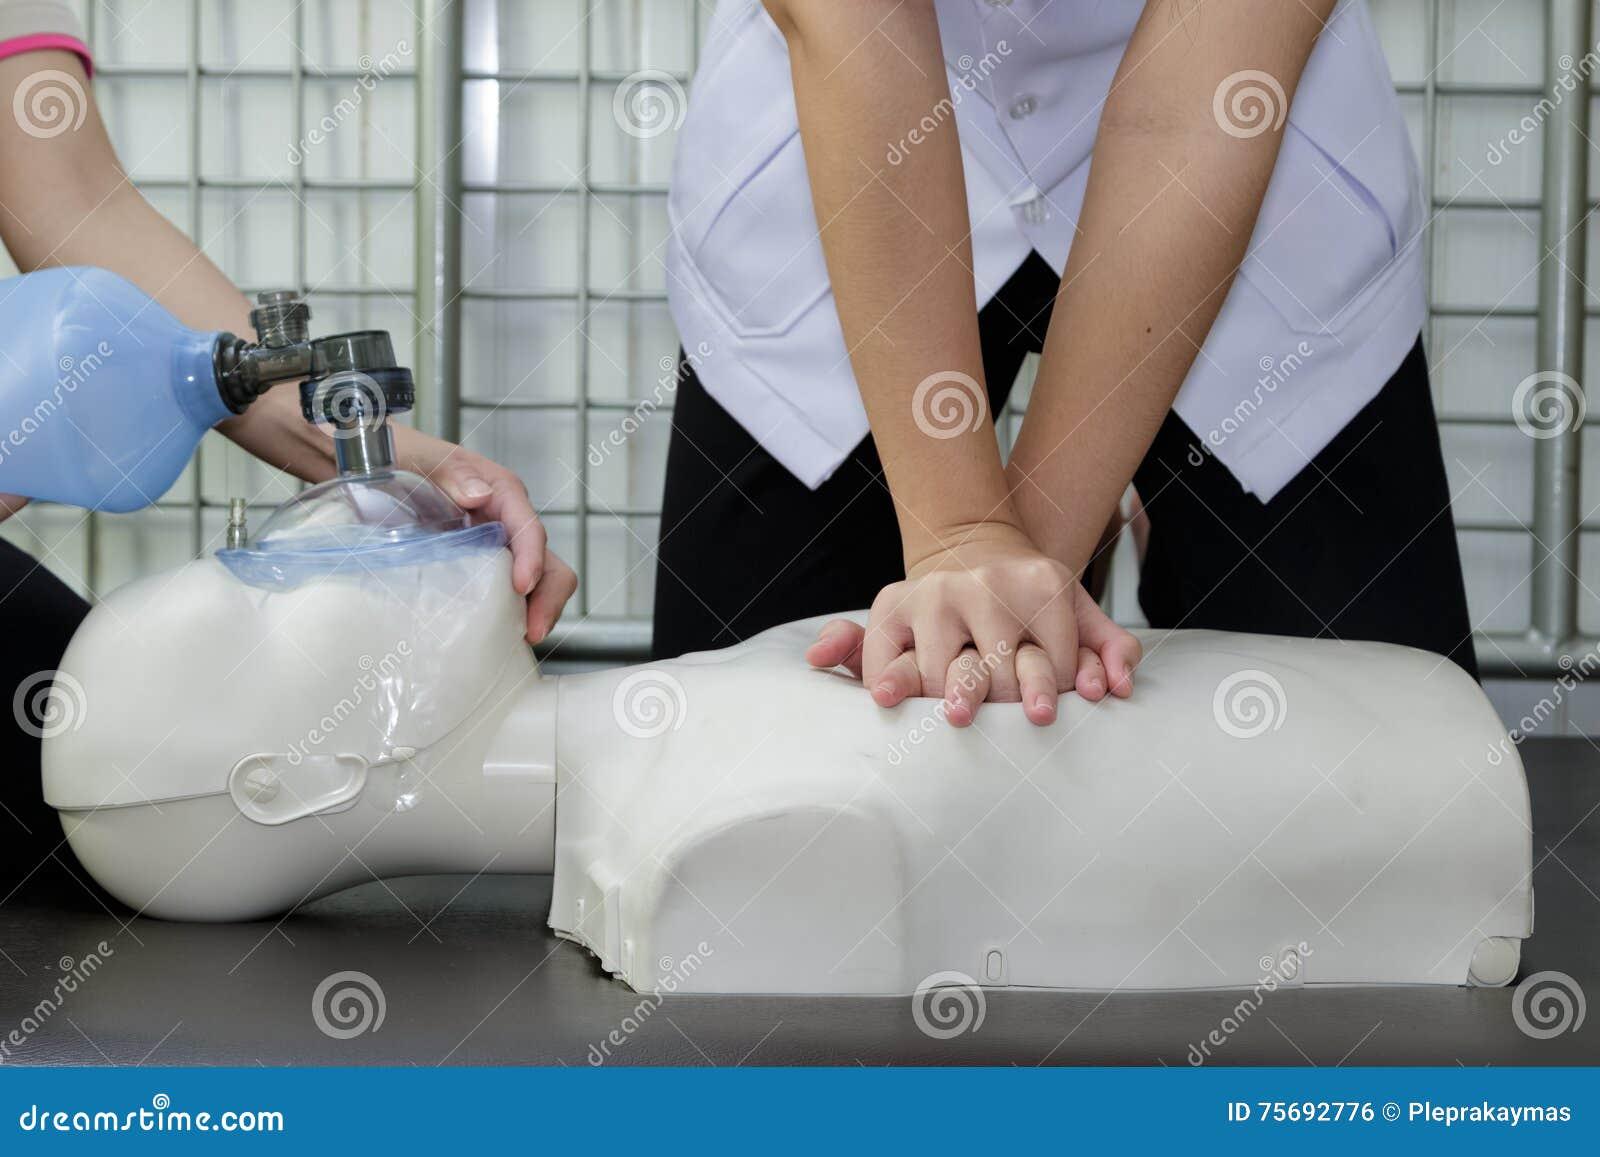 Doktor und Krankenschwester wiederbelebter Patient